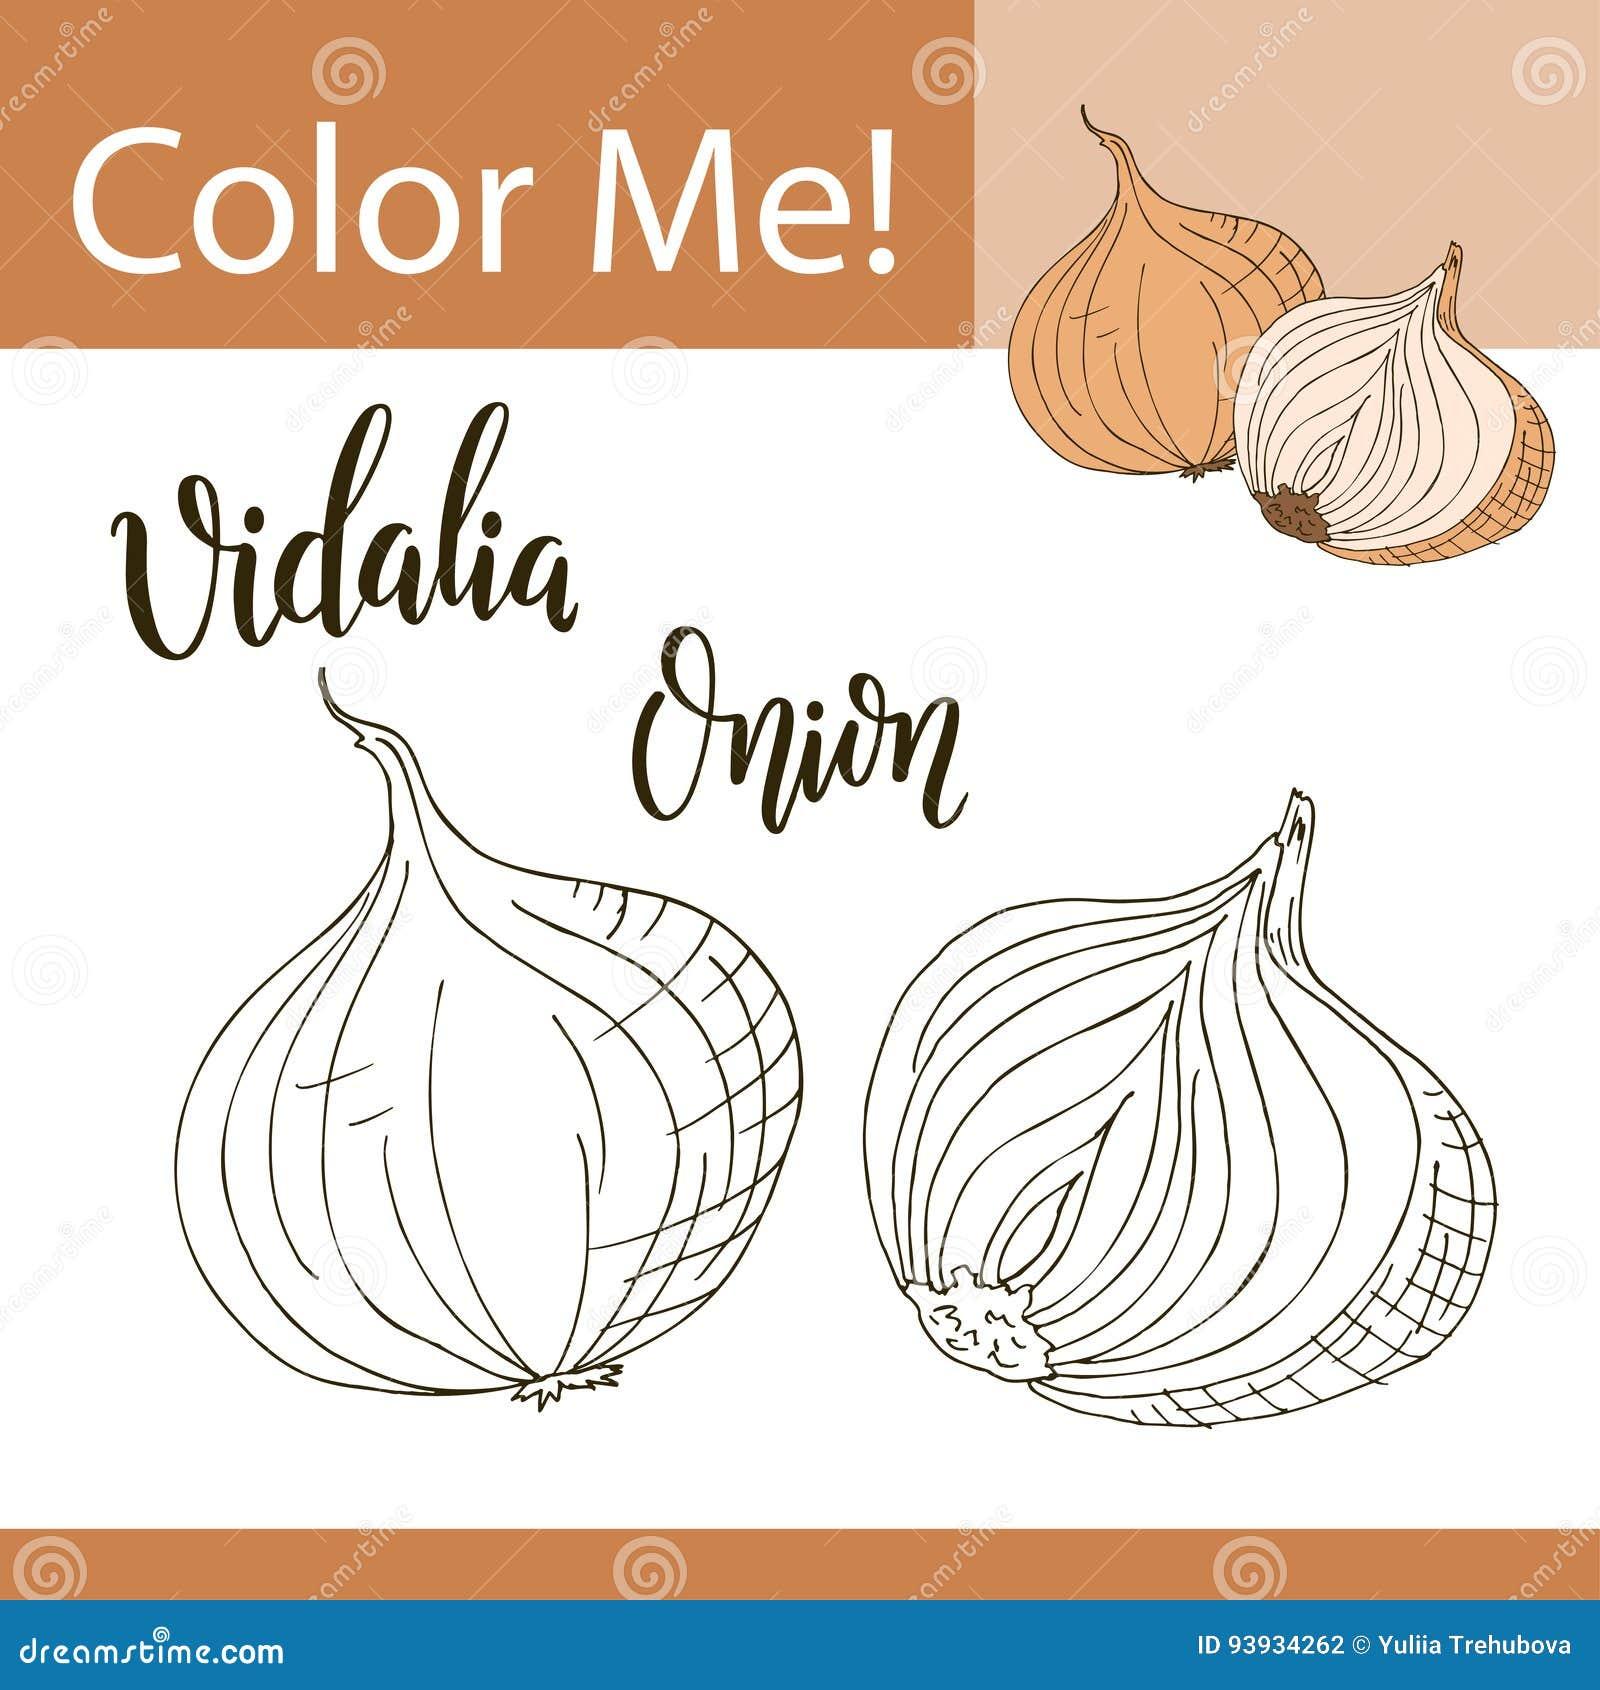 vidalia onion download